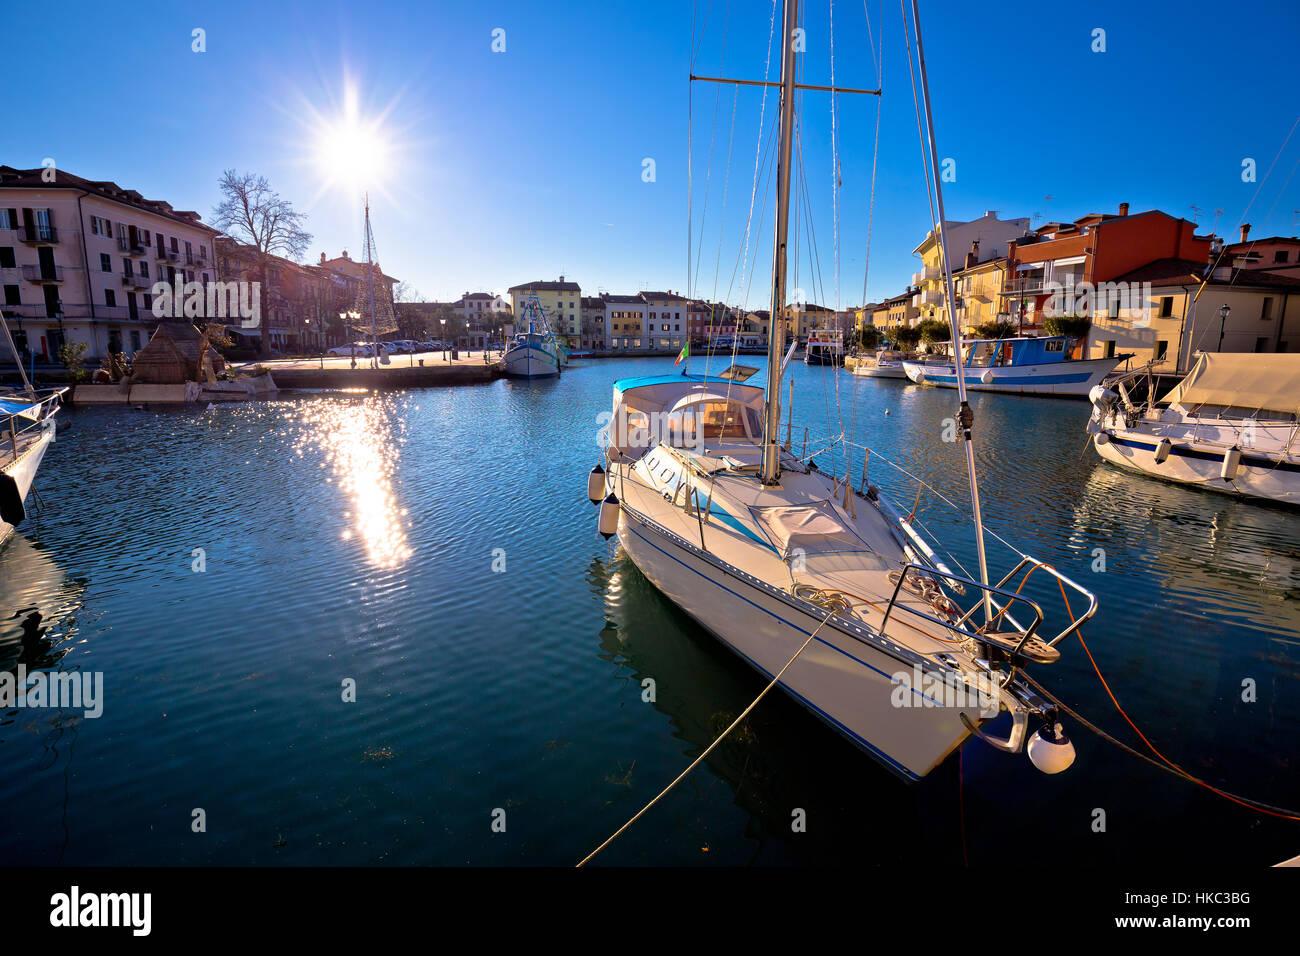 Town of Grado waterfront view, Friuli-Venezia Giulia region of Italy - Stock Image